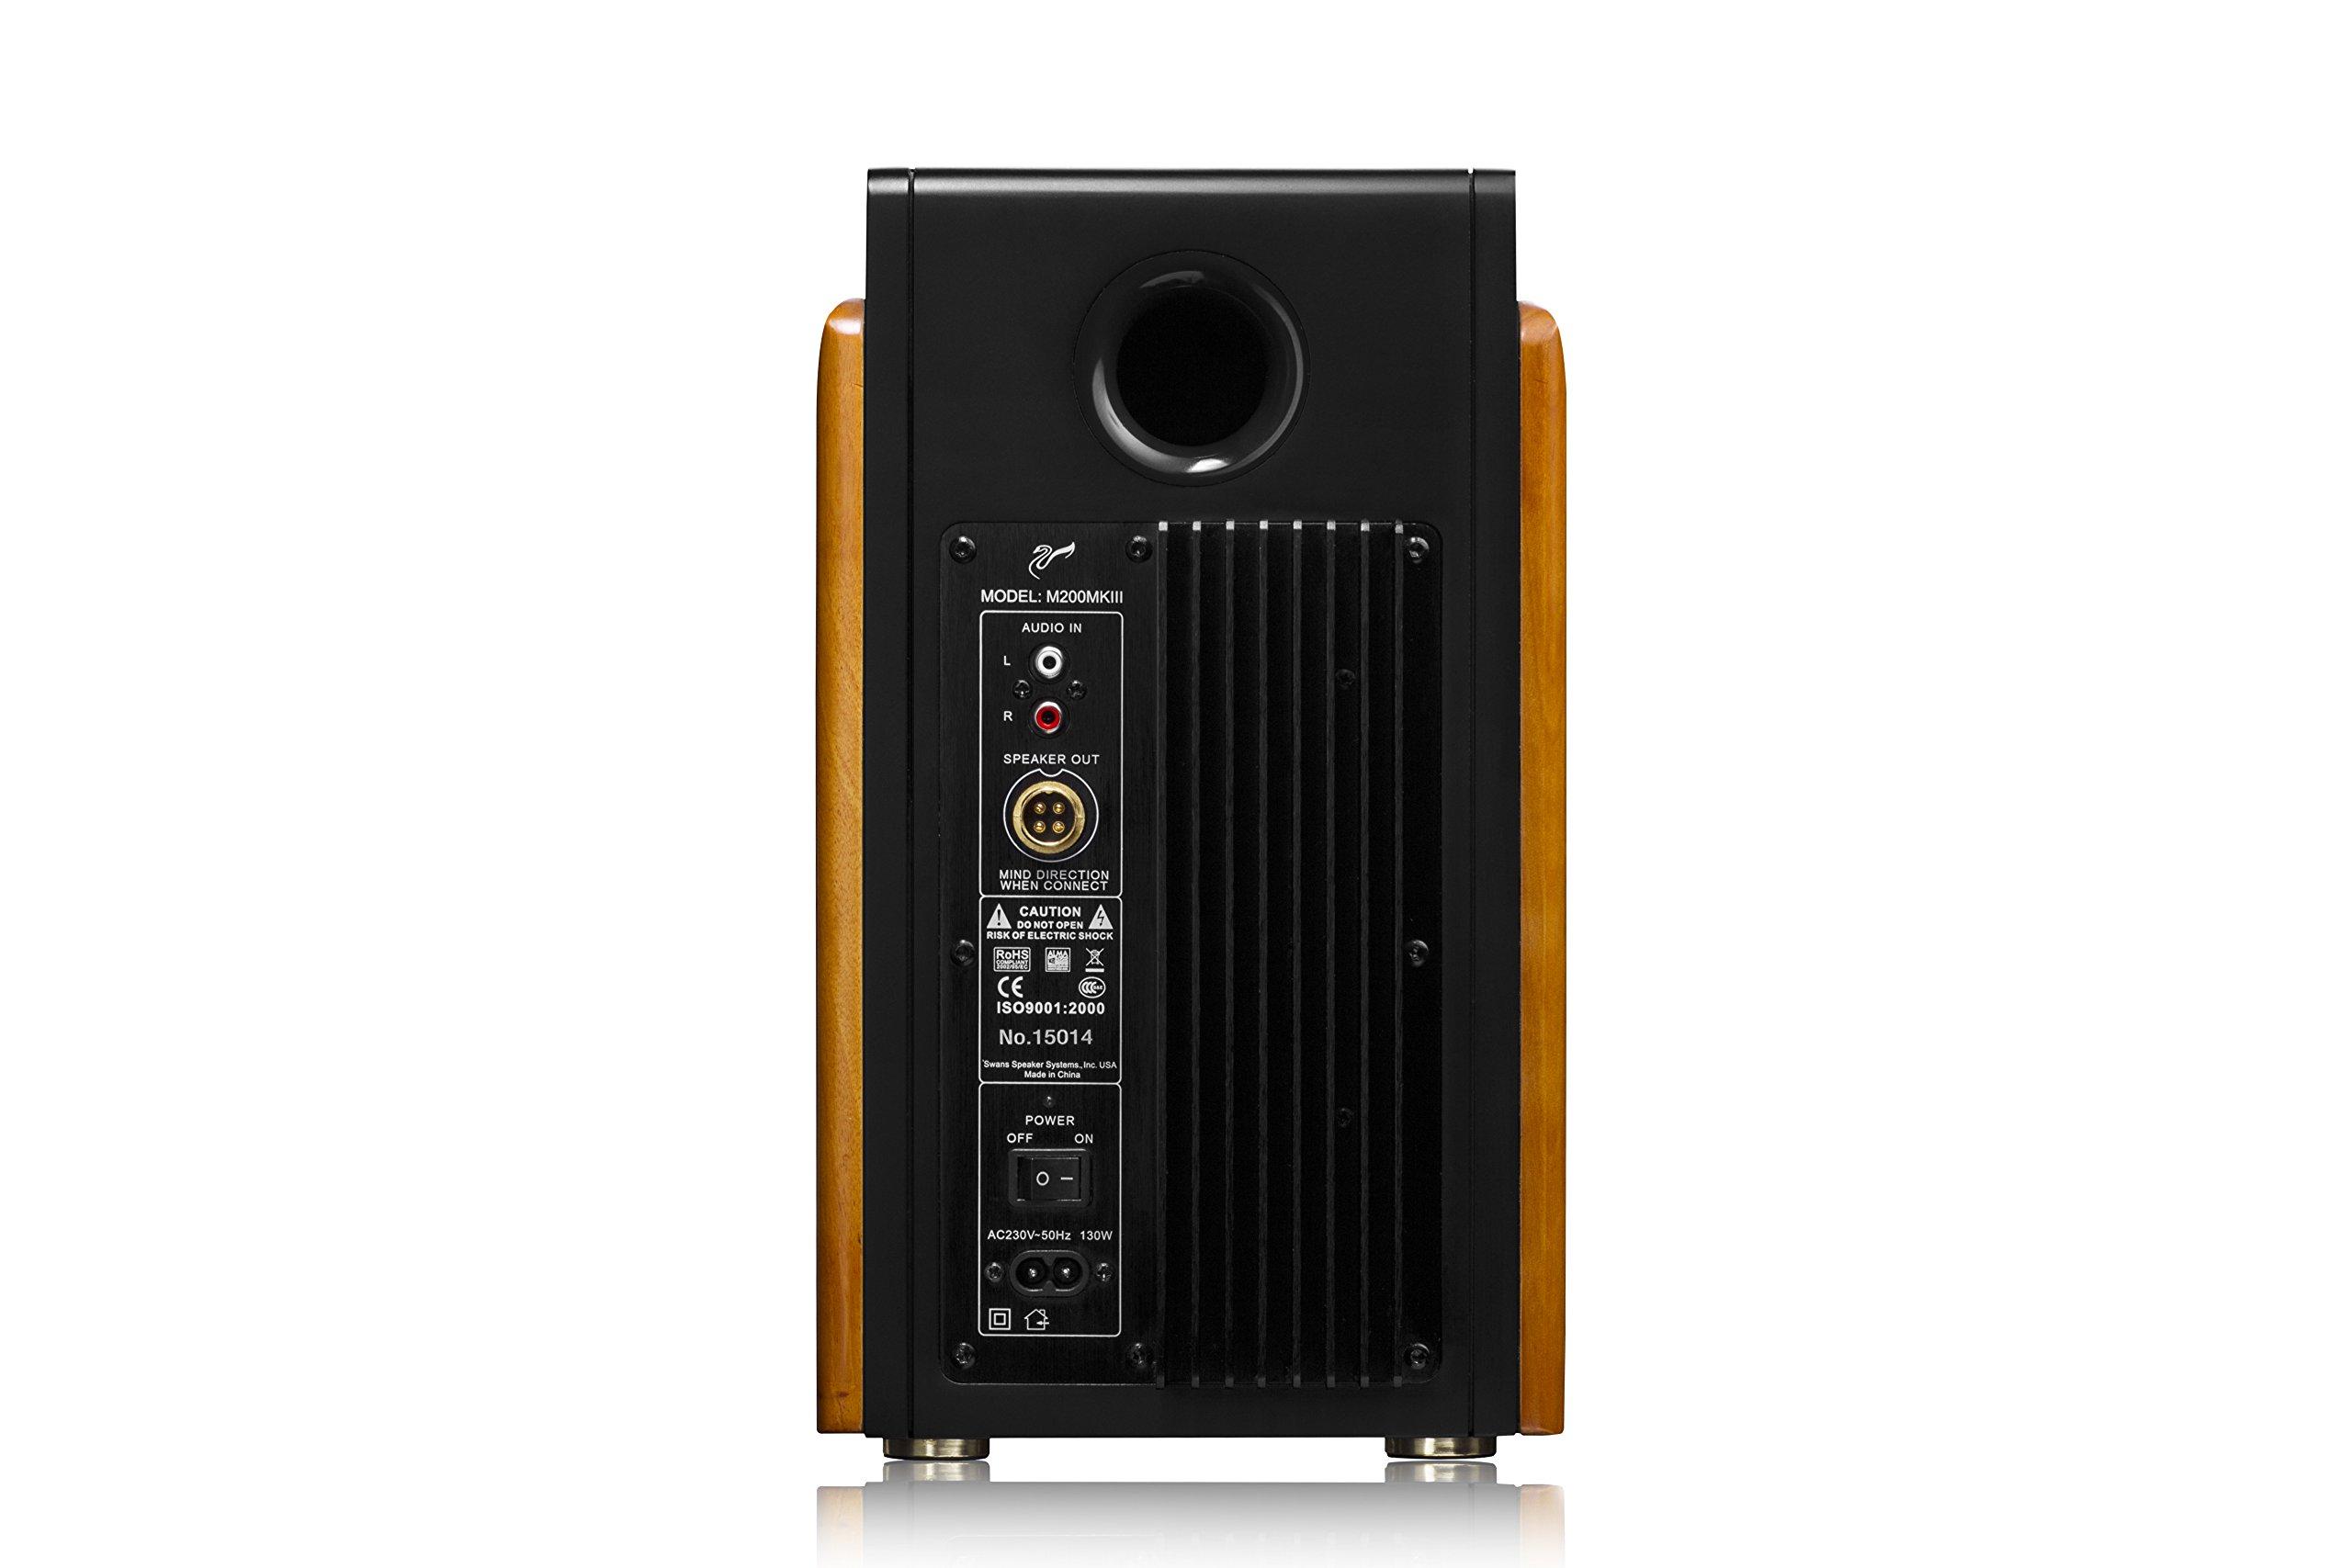 Swan Speakers - M200MKIII - Powered 2.0 Bookshelf Speakers - HiFi speakers - 1'' Dome Tweeters - 5.25'' Long-Throw Woofers - Solid Wood Cabinet - CES Award Winner  - 120W RMS by Swan Speakers